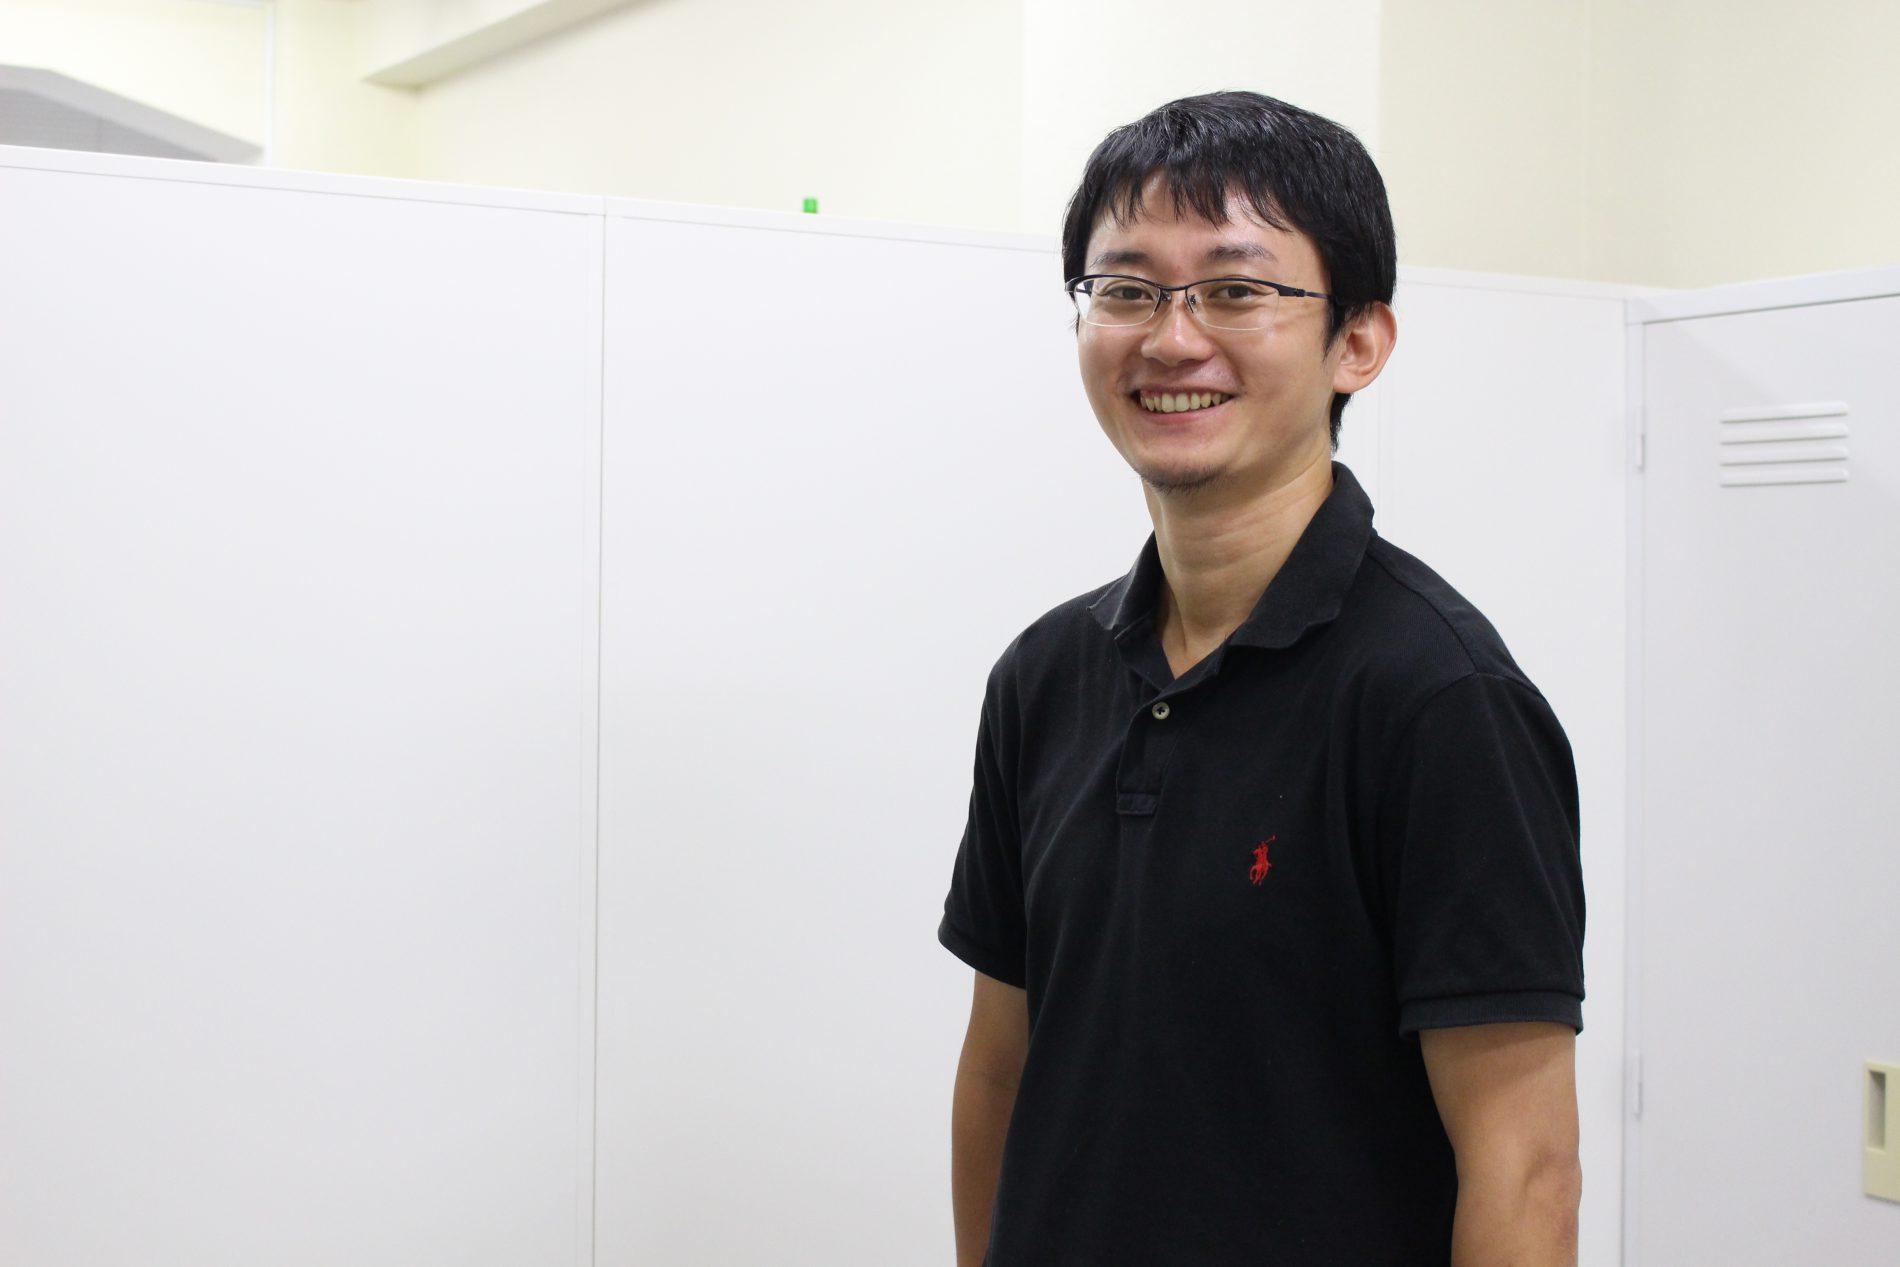 村永 俊暁さんのインタビューシーン1